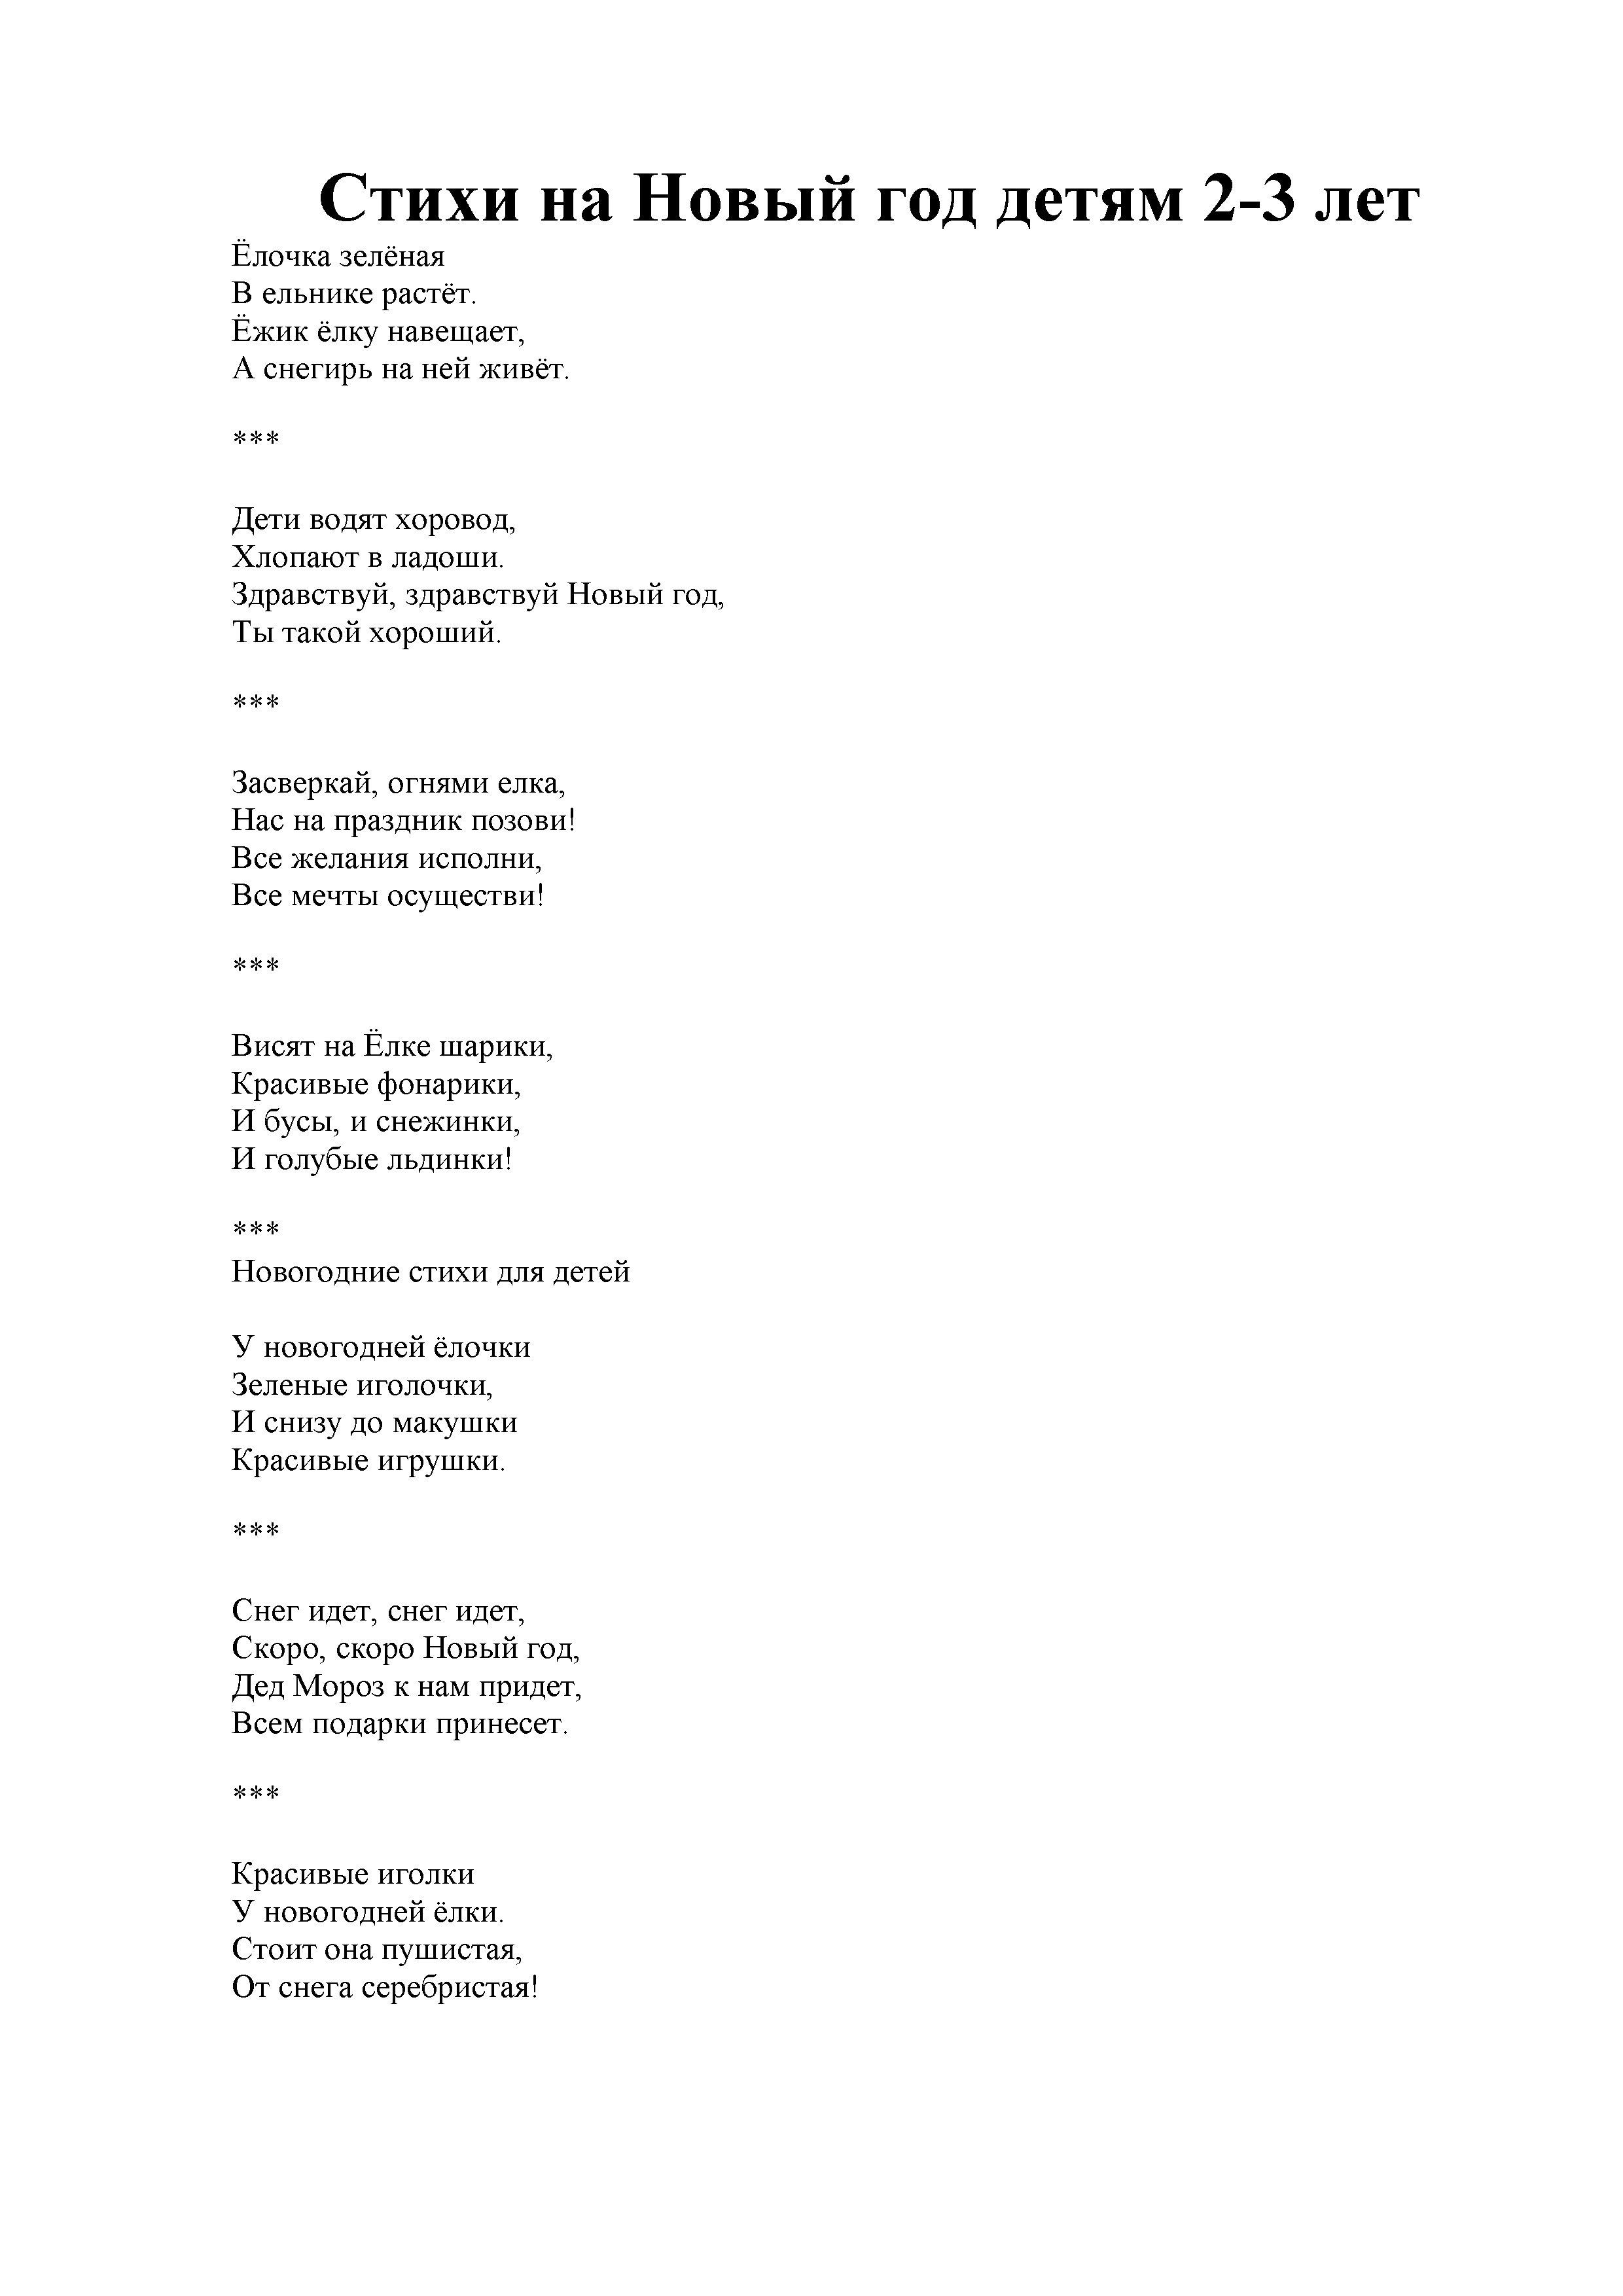 Стихотворение татарке 50 лет 19 фотография